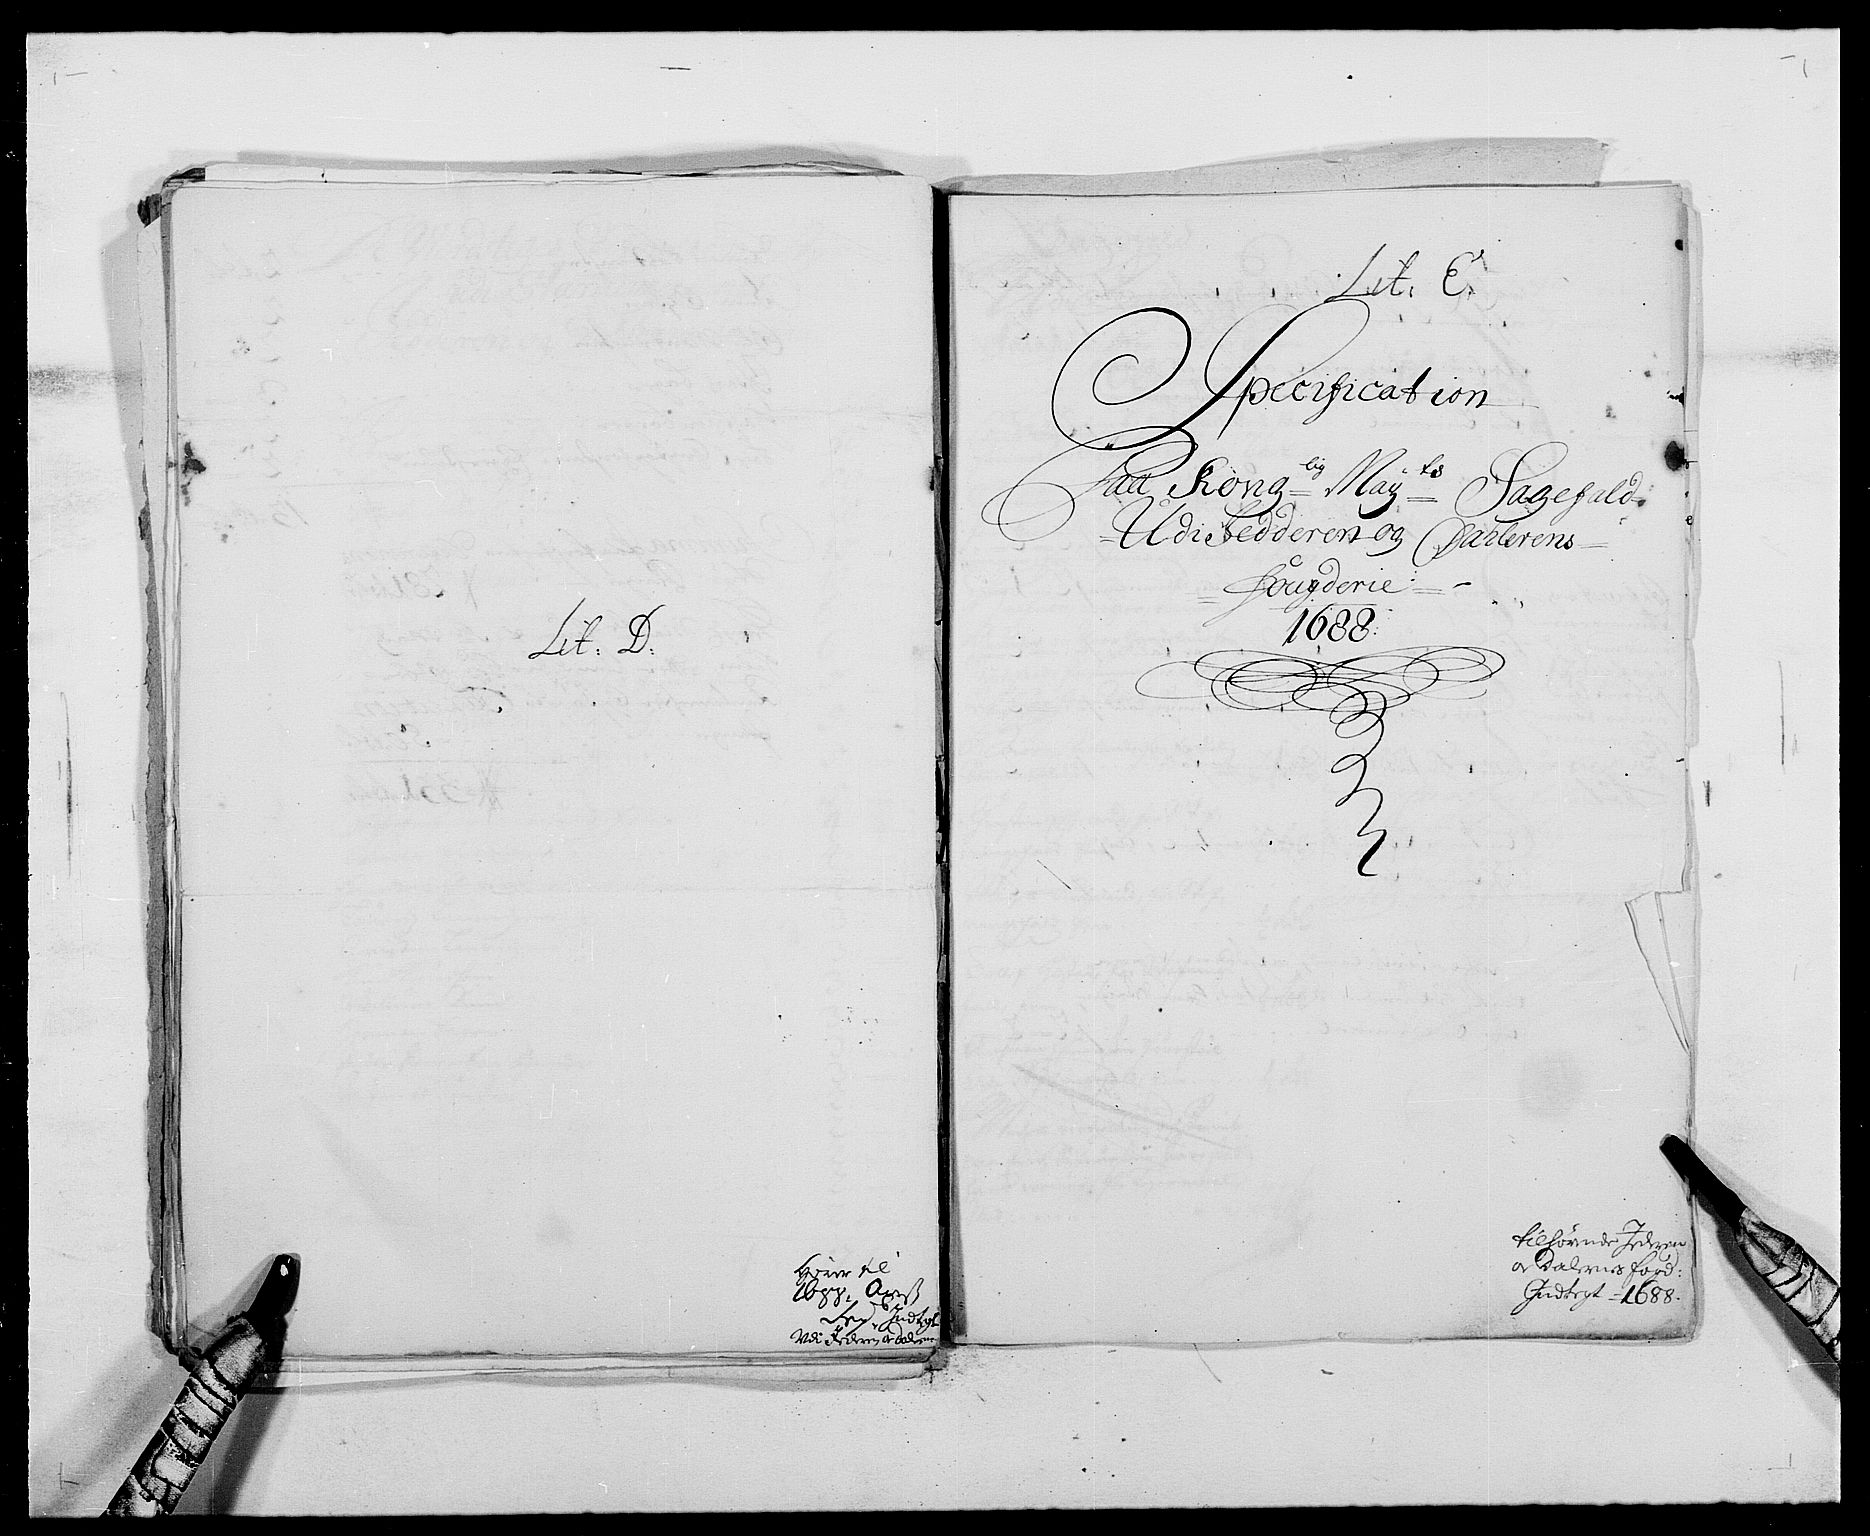 RA, Rentekammeret inntil 1814, Reviderte regnskaper, Fogderegnskap, R46/L2726: Fogderegnskap Jæren og Dalane, 1686-1689, s. 279